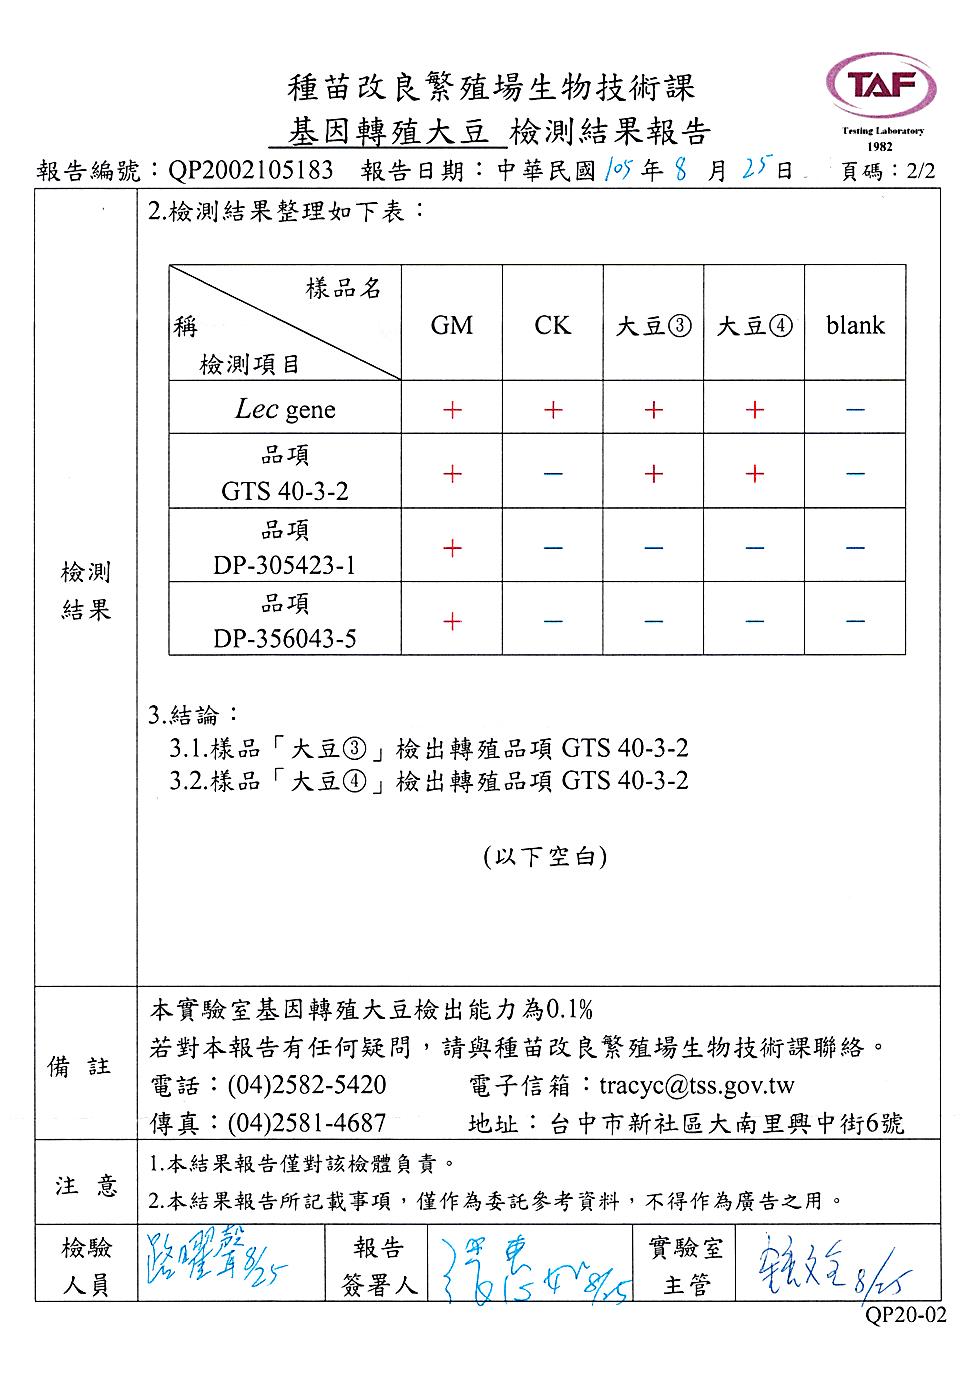 官田工業區路面撿拾的樣品黃豆檢出基因轉殖品項 ( GTS 40-3-2)